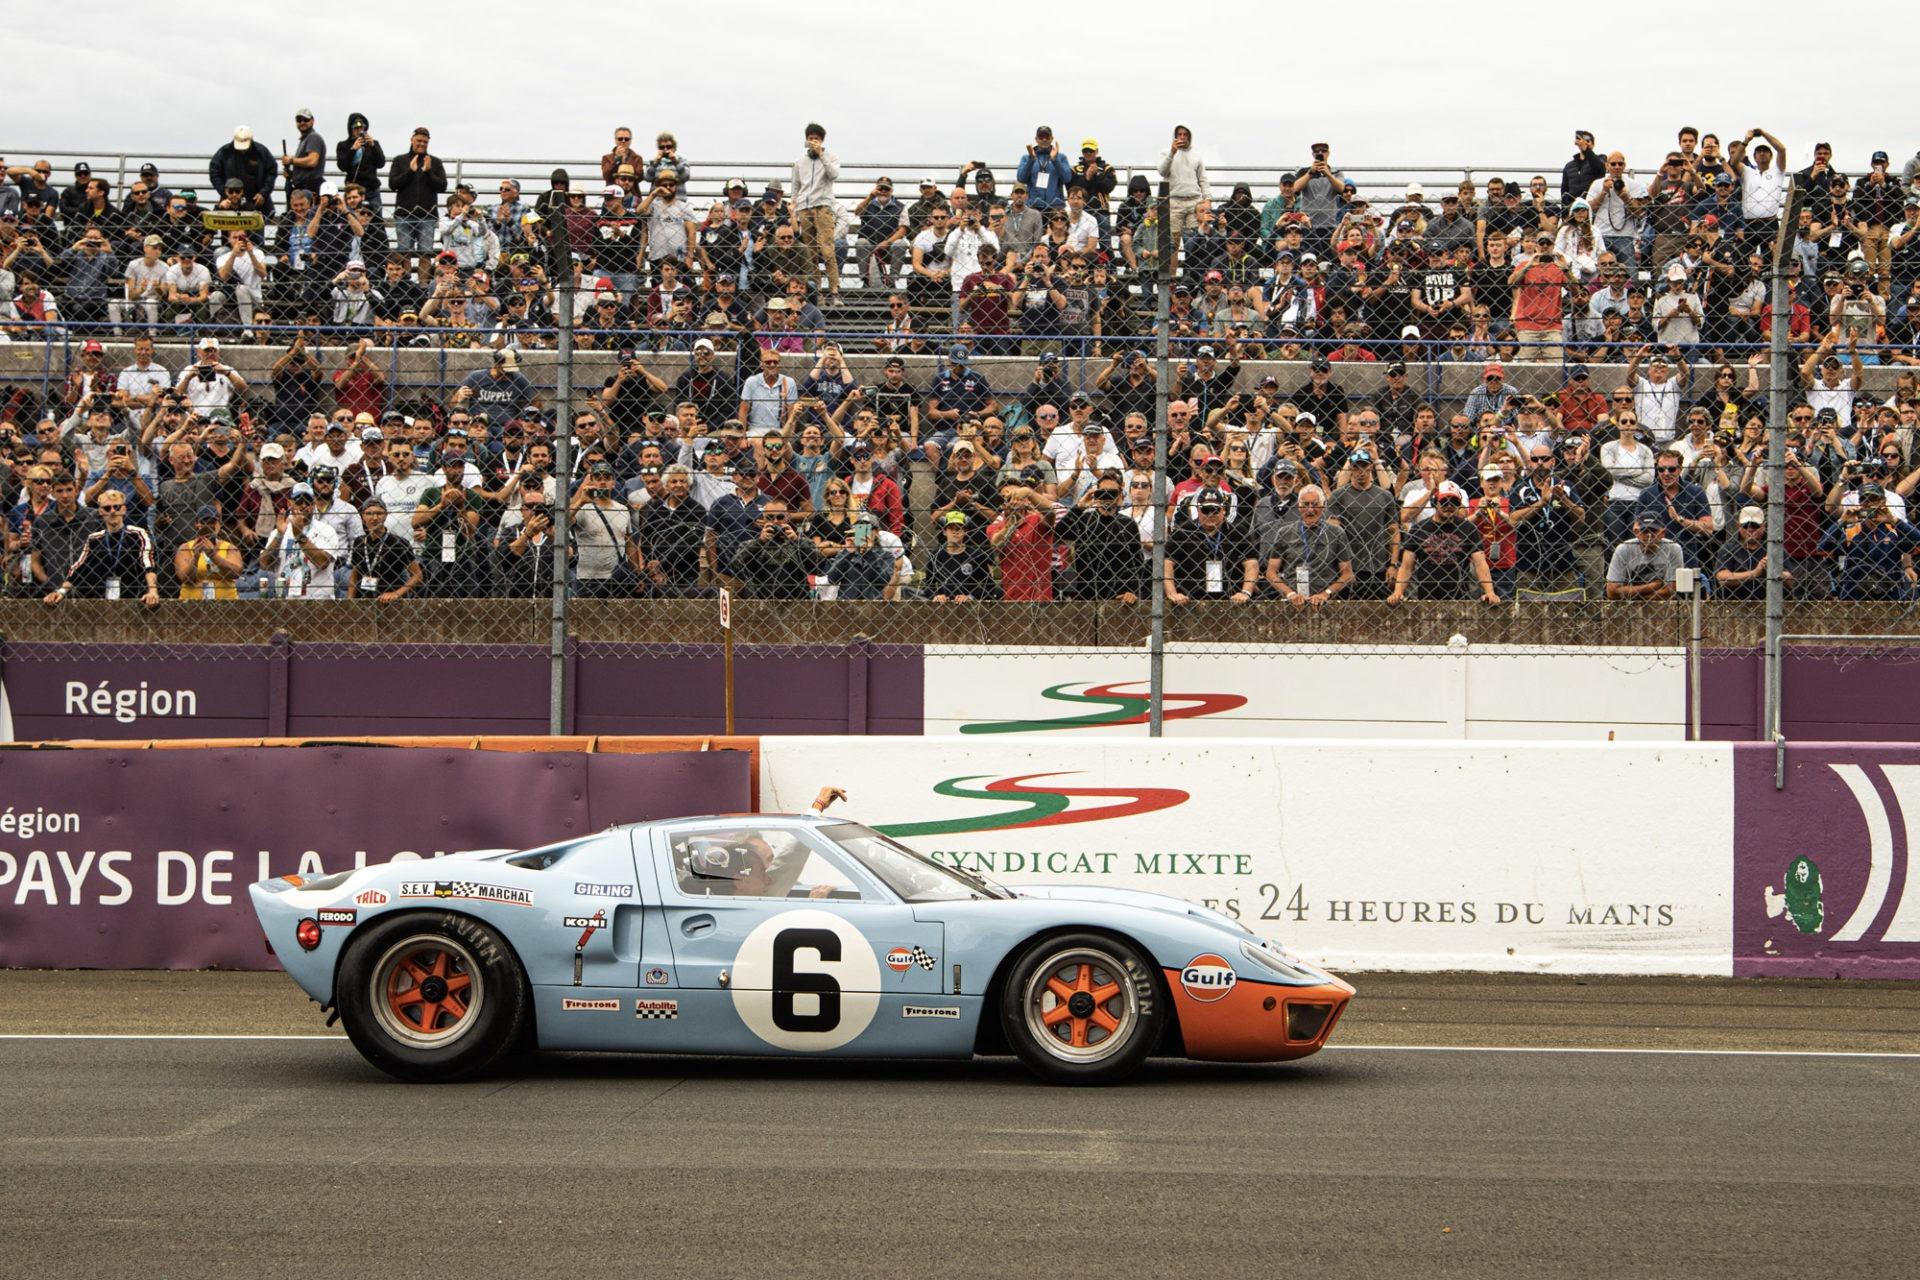 Tour d'honneur de Jacky Ickx avec la Ford GT de la victoire de 1969